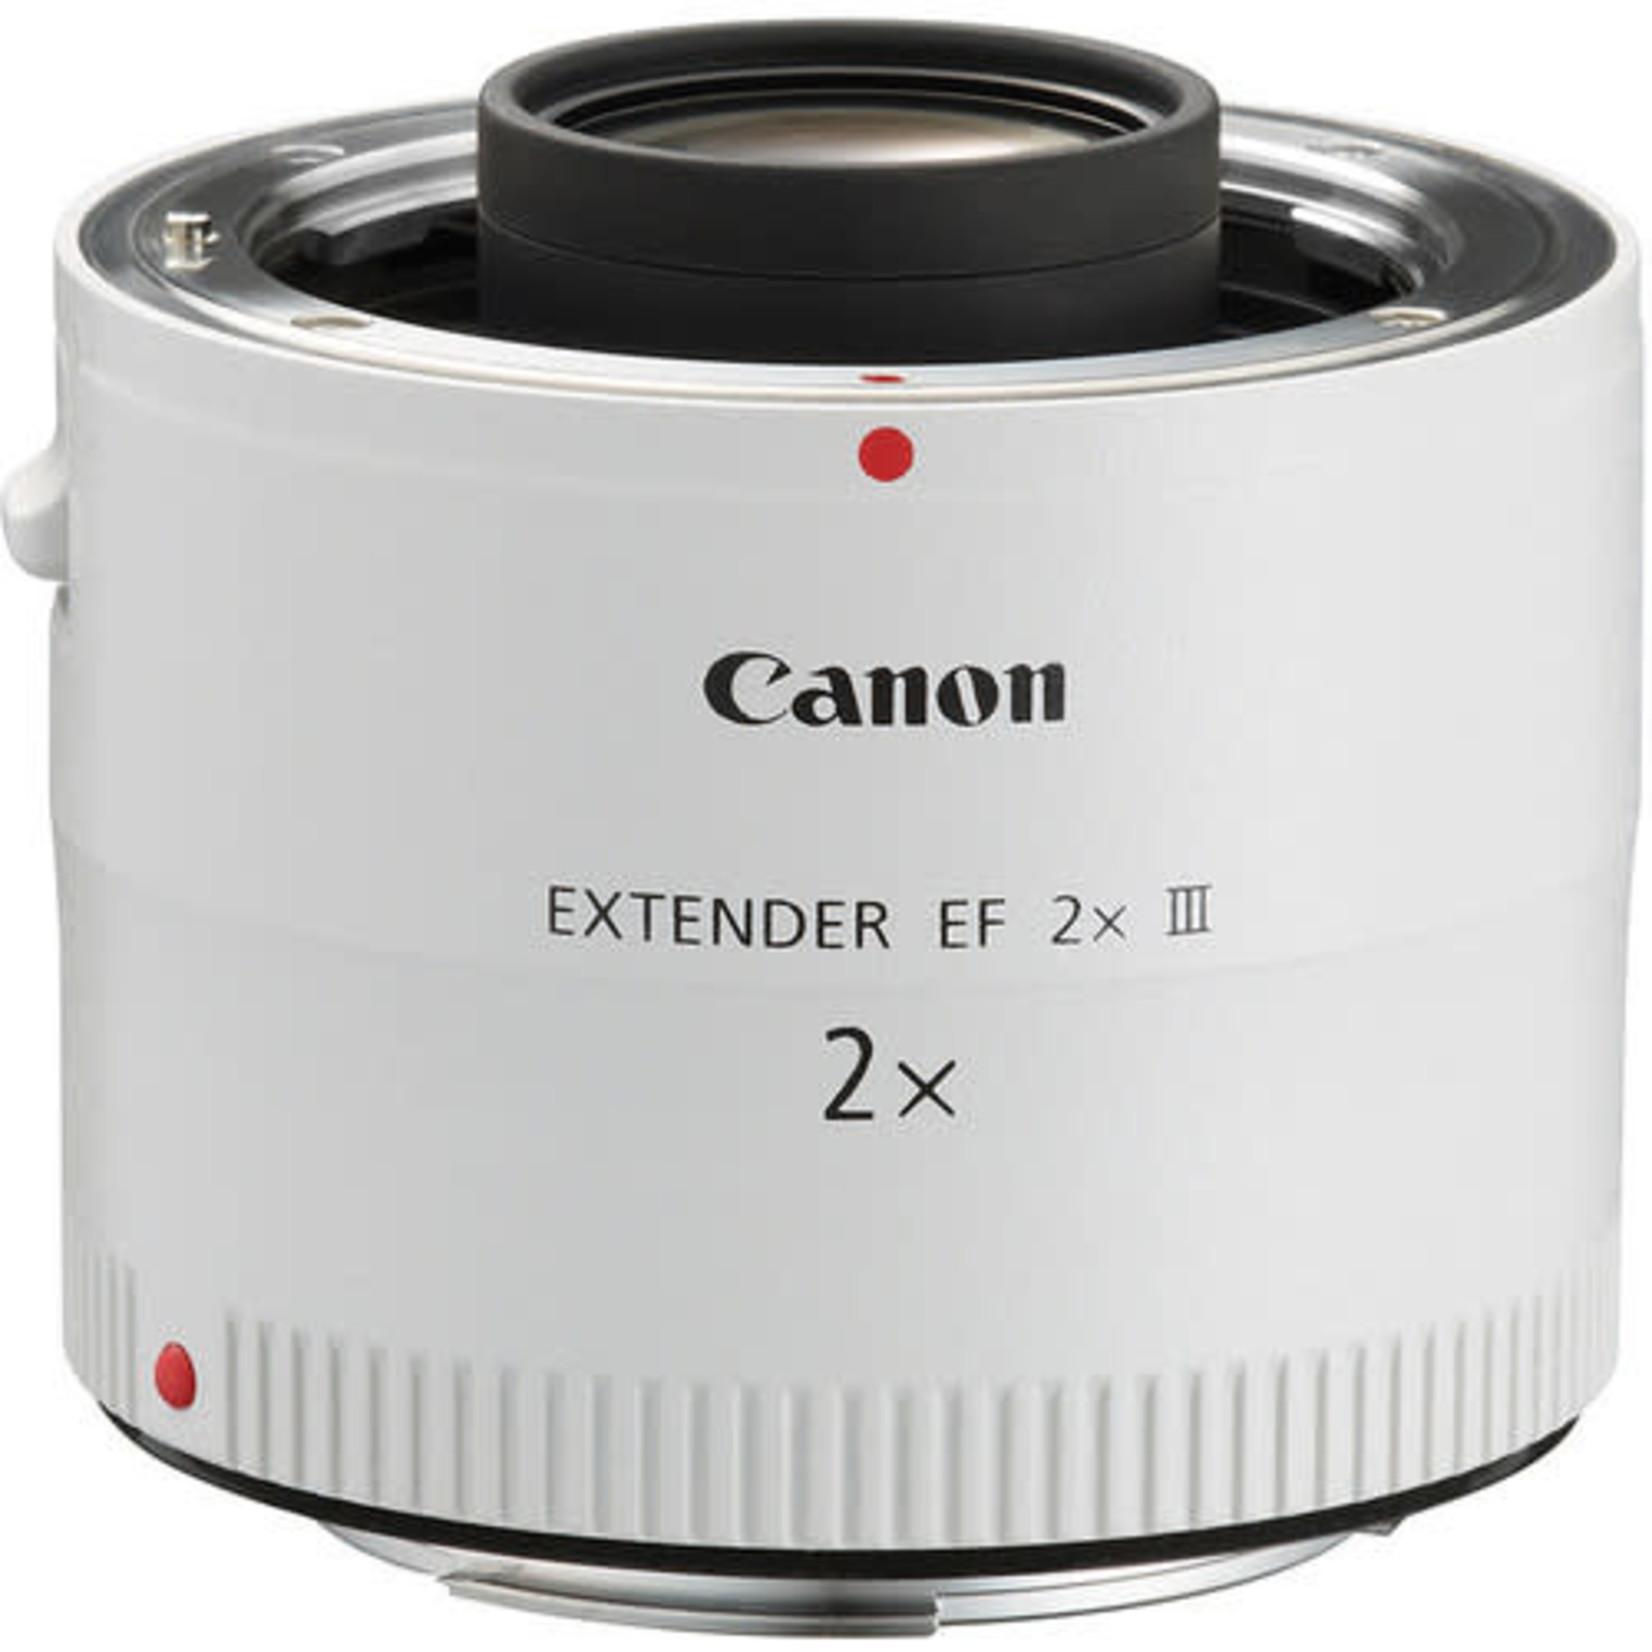 Canon Canon Extender EF 2X III